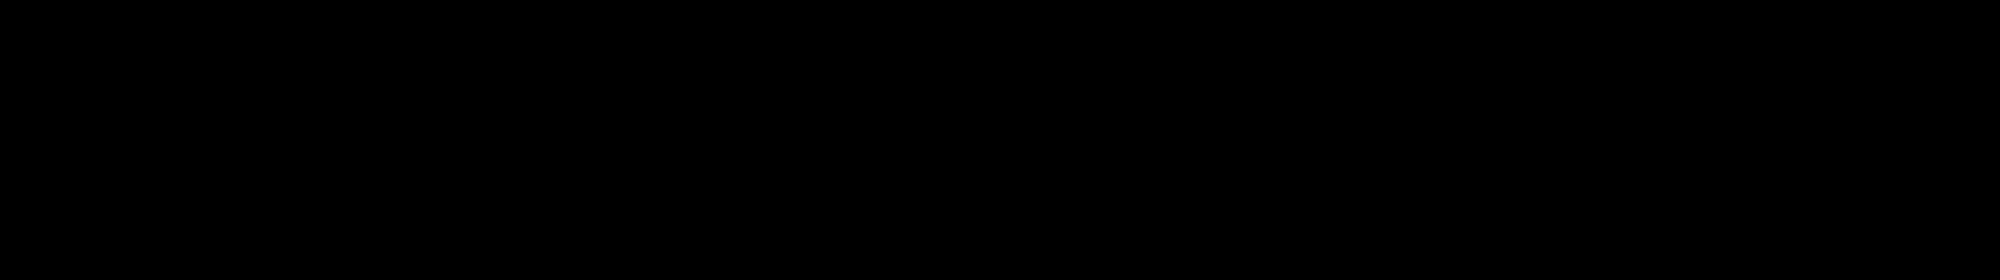 adidas logo text png #2387